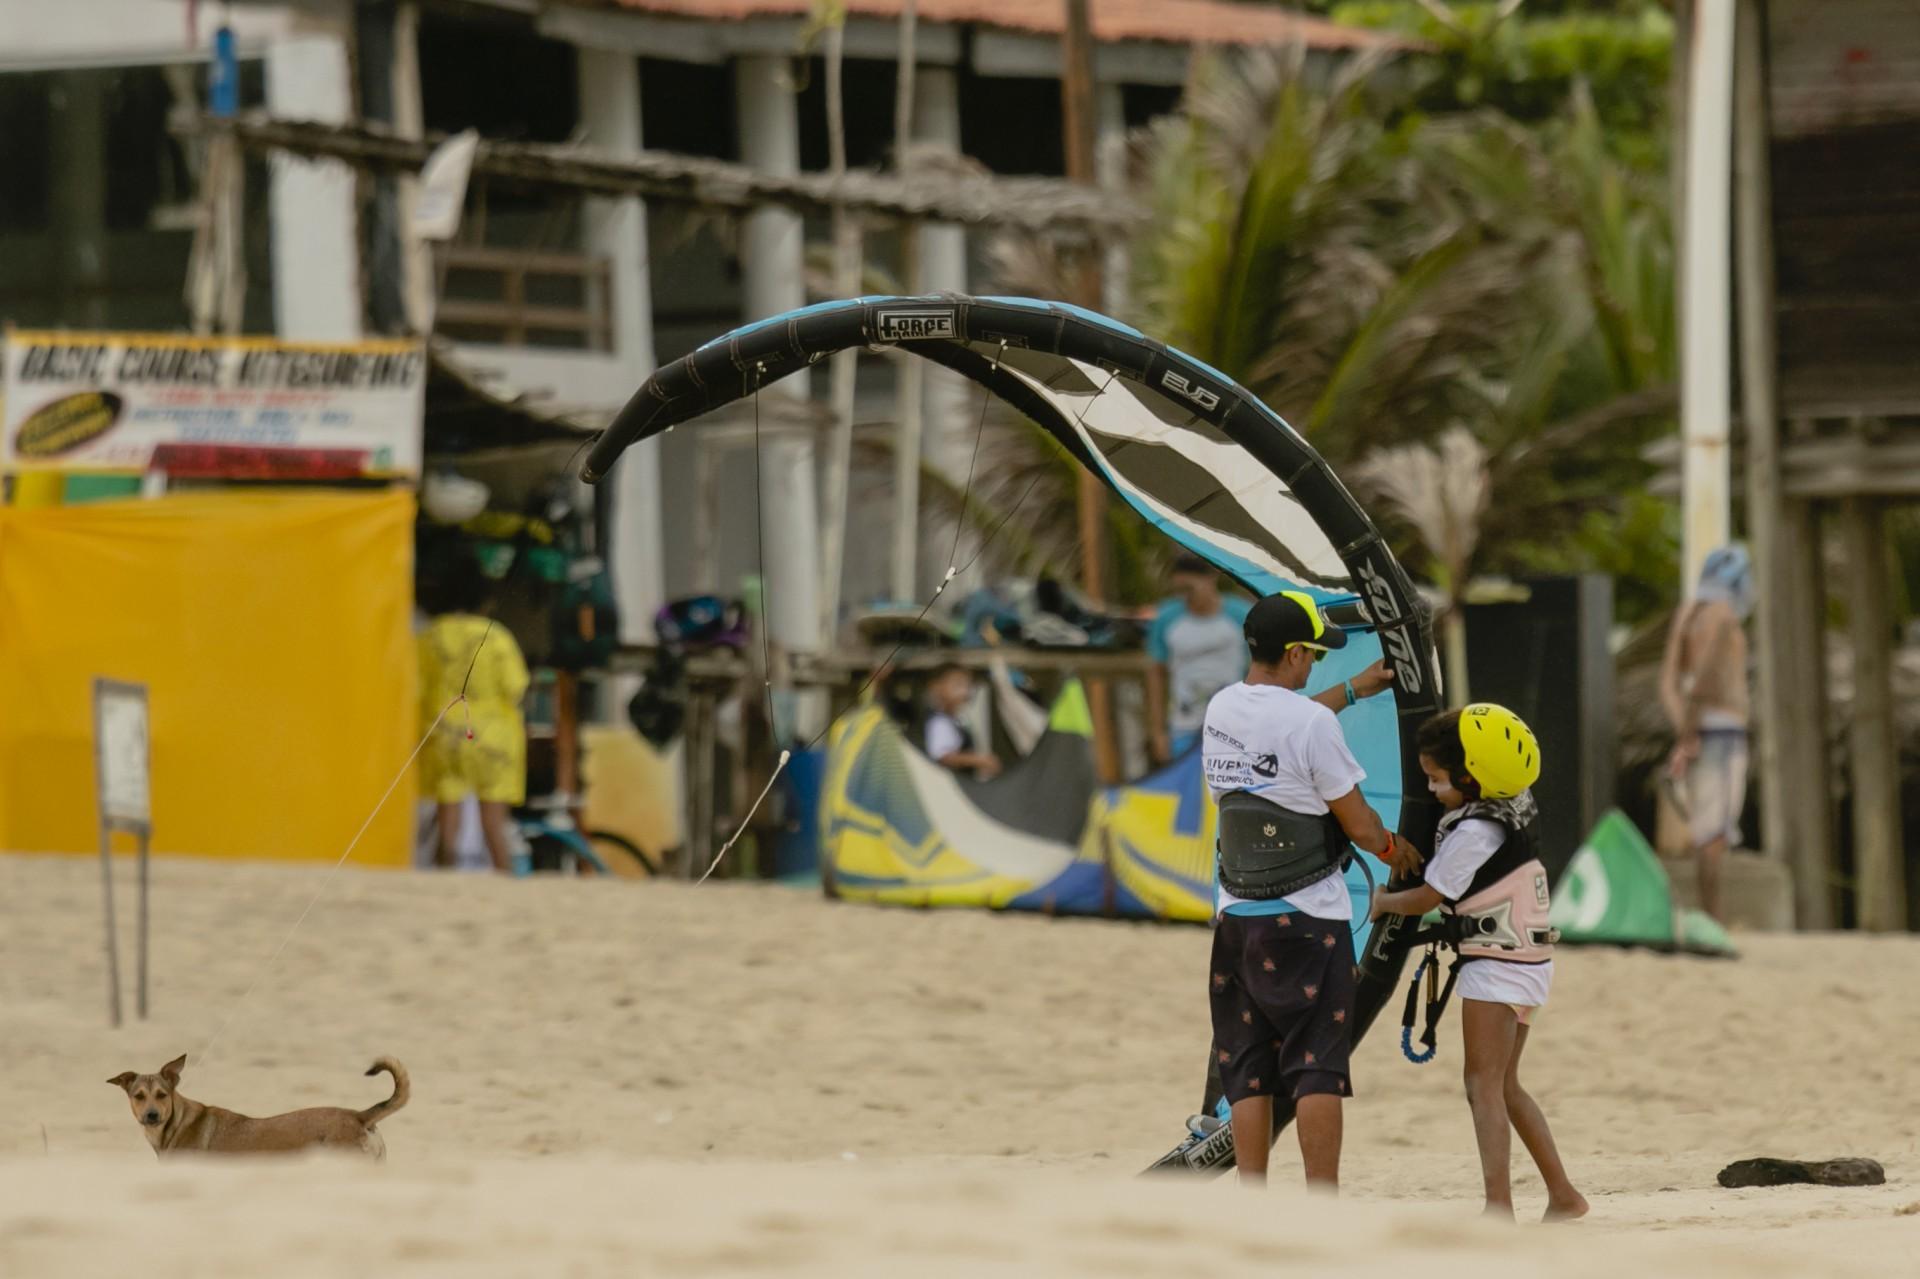 (Foto: Aurelio Alves)Janeiro 2021. Escolina de kitsurf no Cumbuco